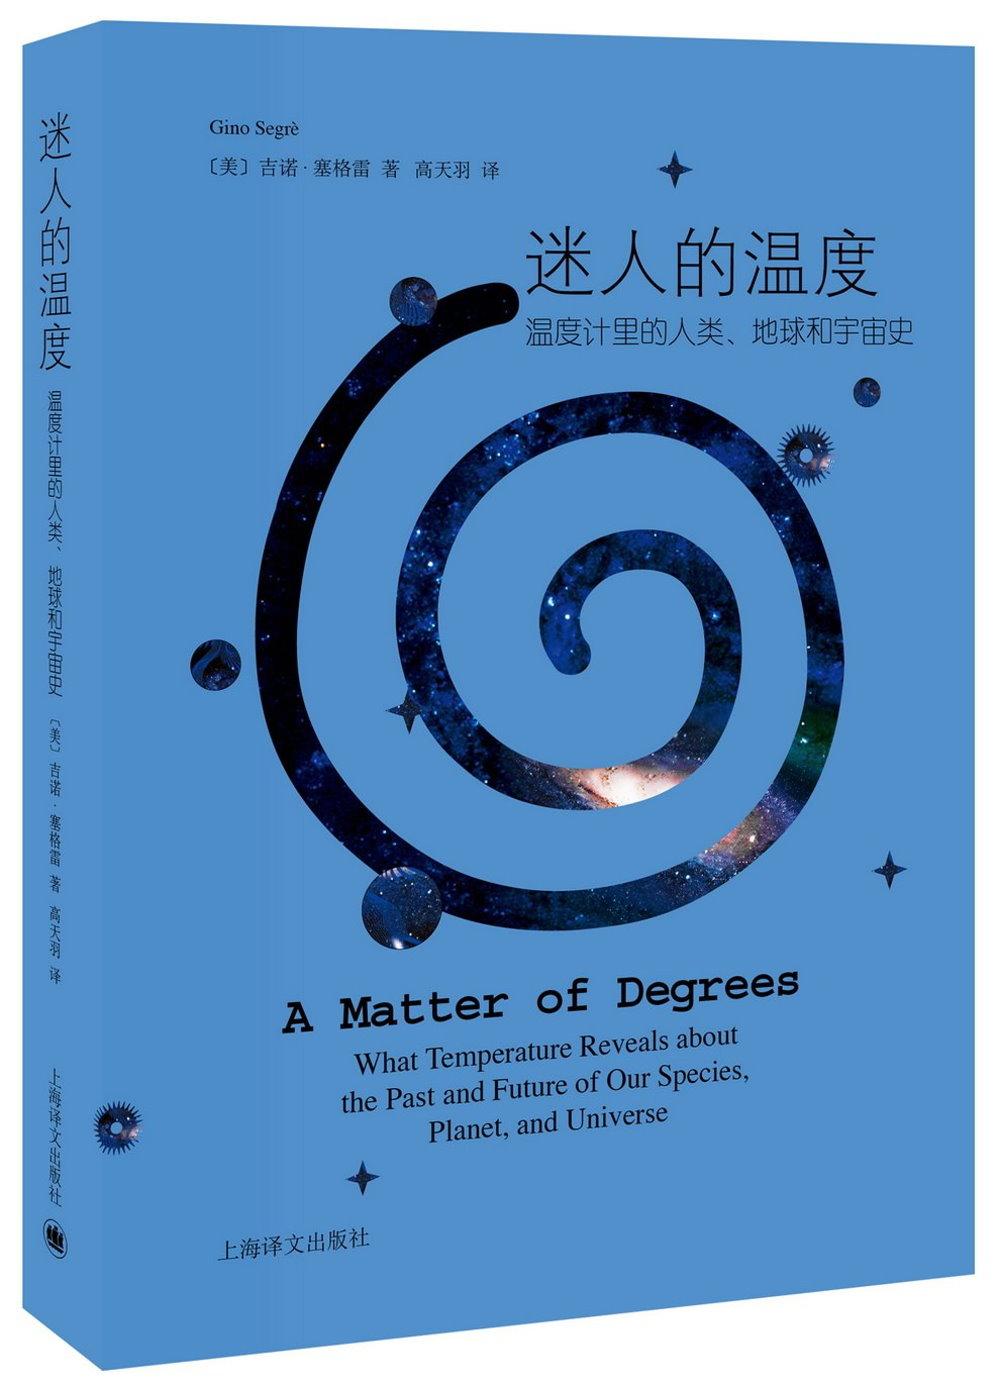 迷人的溫度:溫度計里的人類、地球和宇宙史